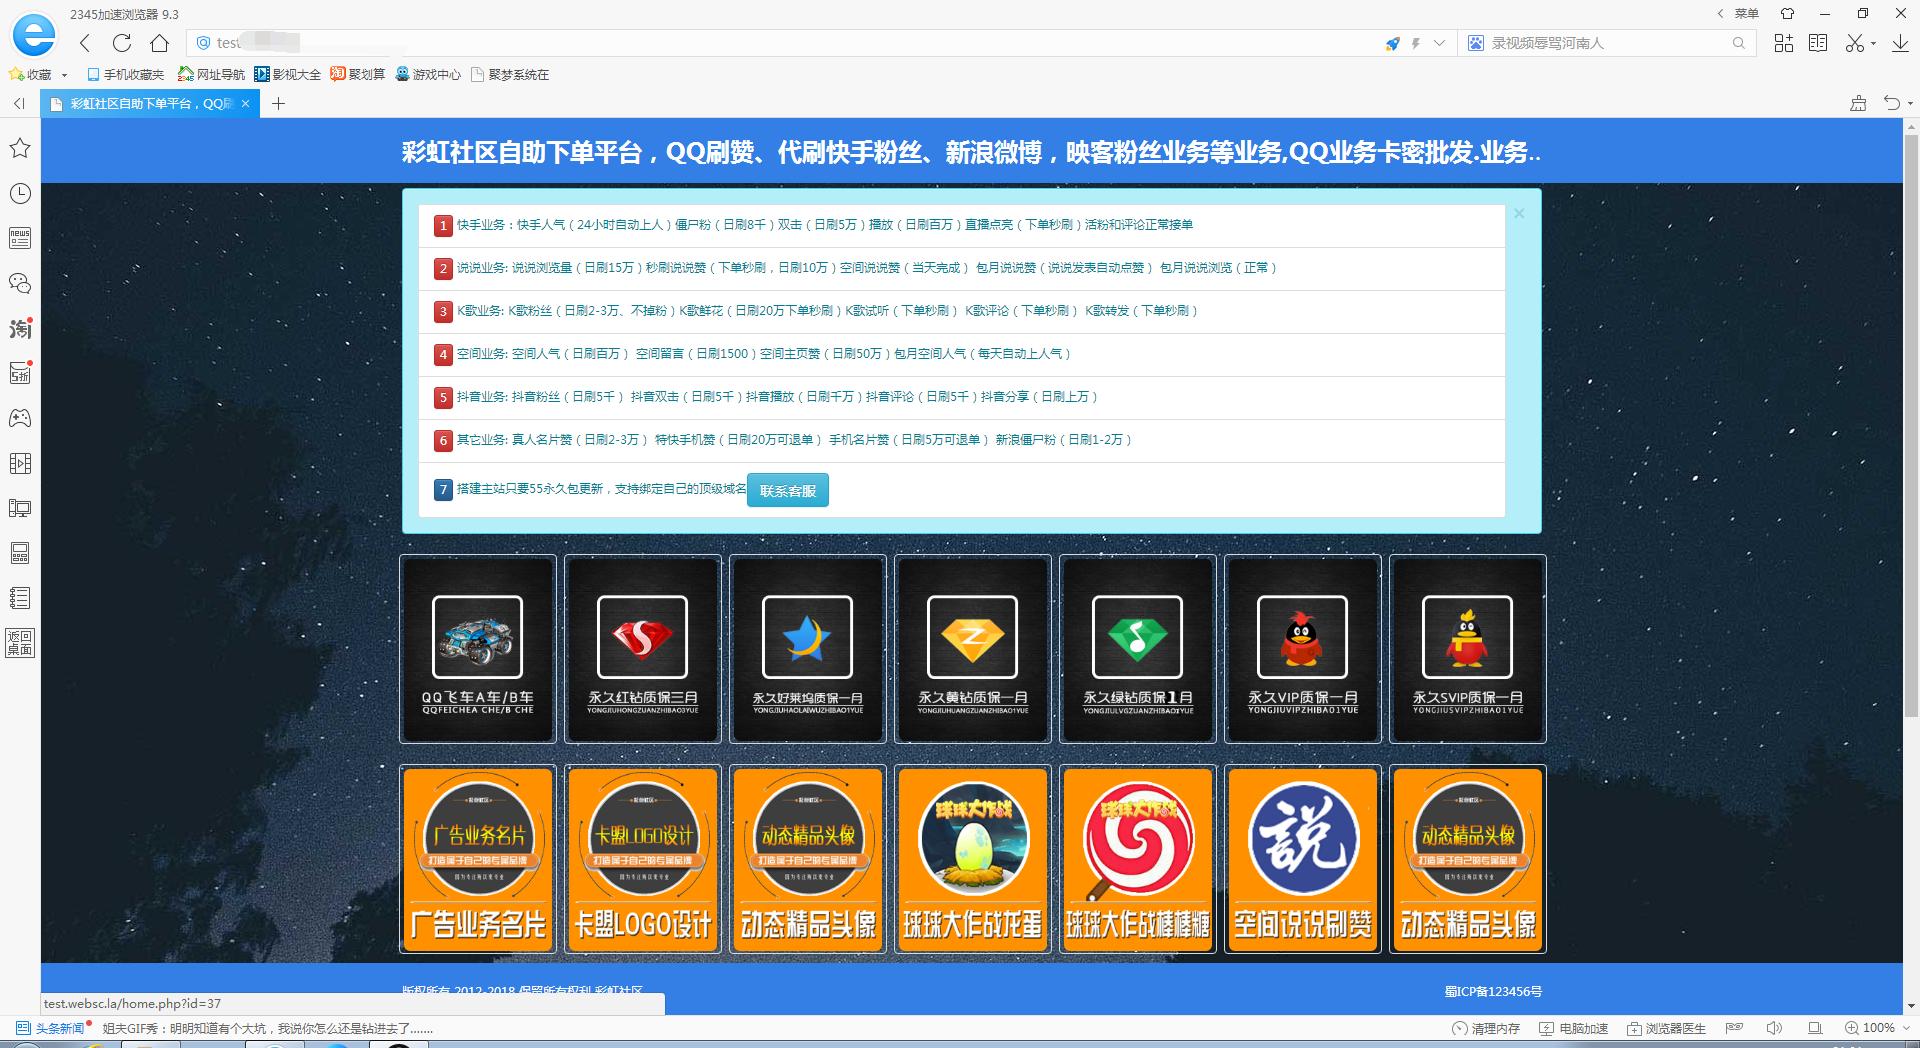 最新高仿亿乐社区在线下单源码